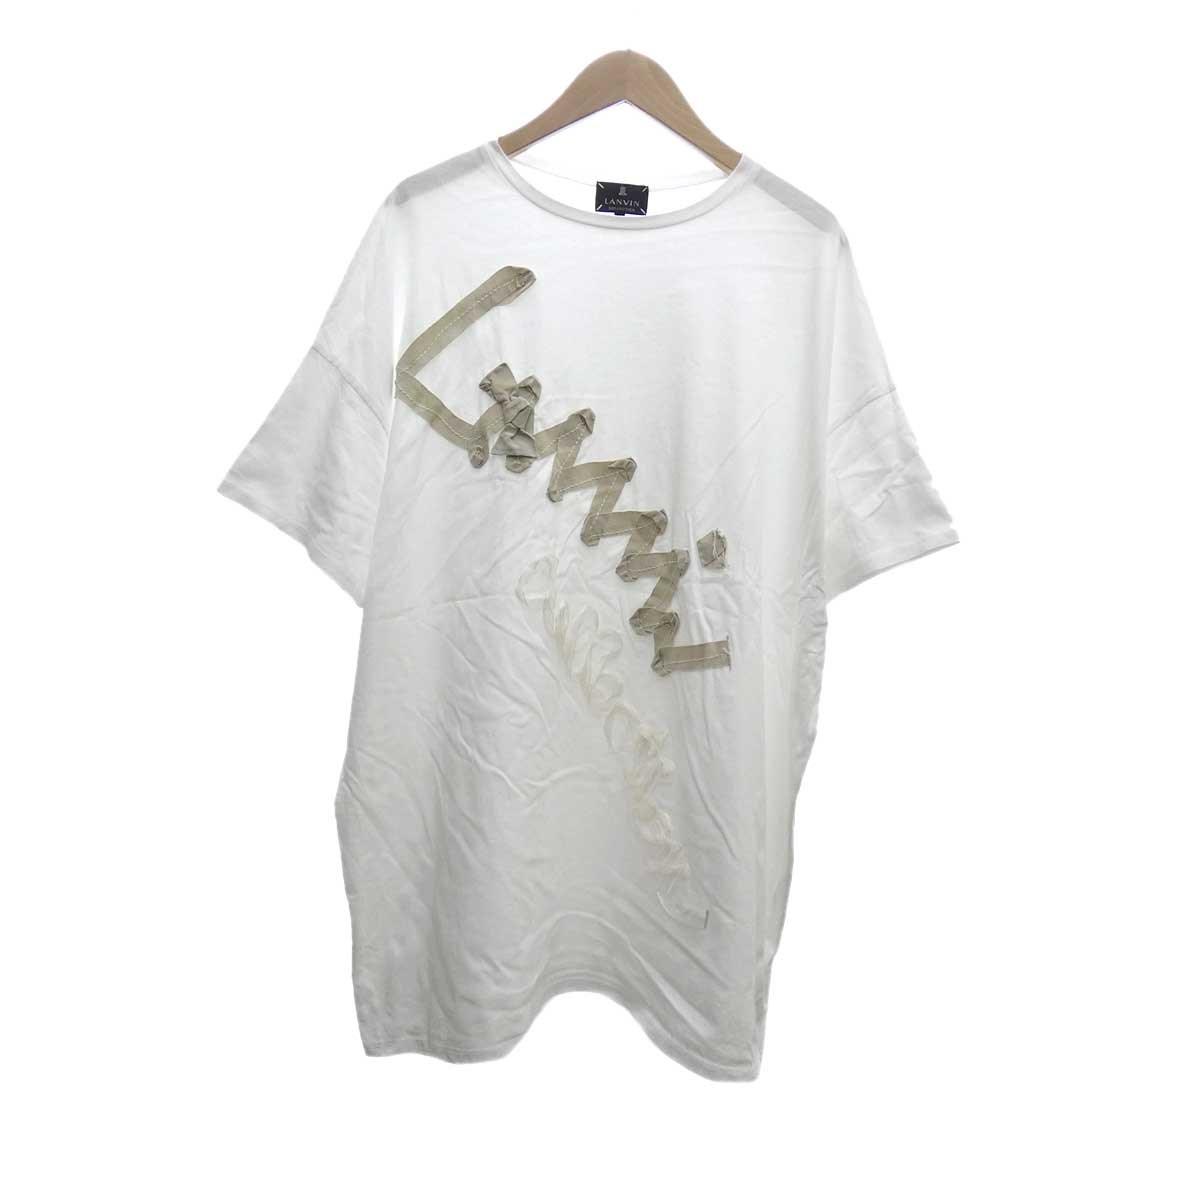 【中古】LANVIN リボンデザイン半袖Tシャツ ホワイト サイズ:38 【170420】(ランバン)